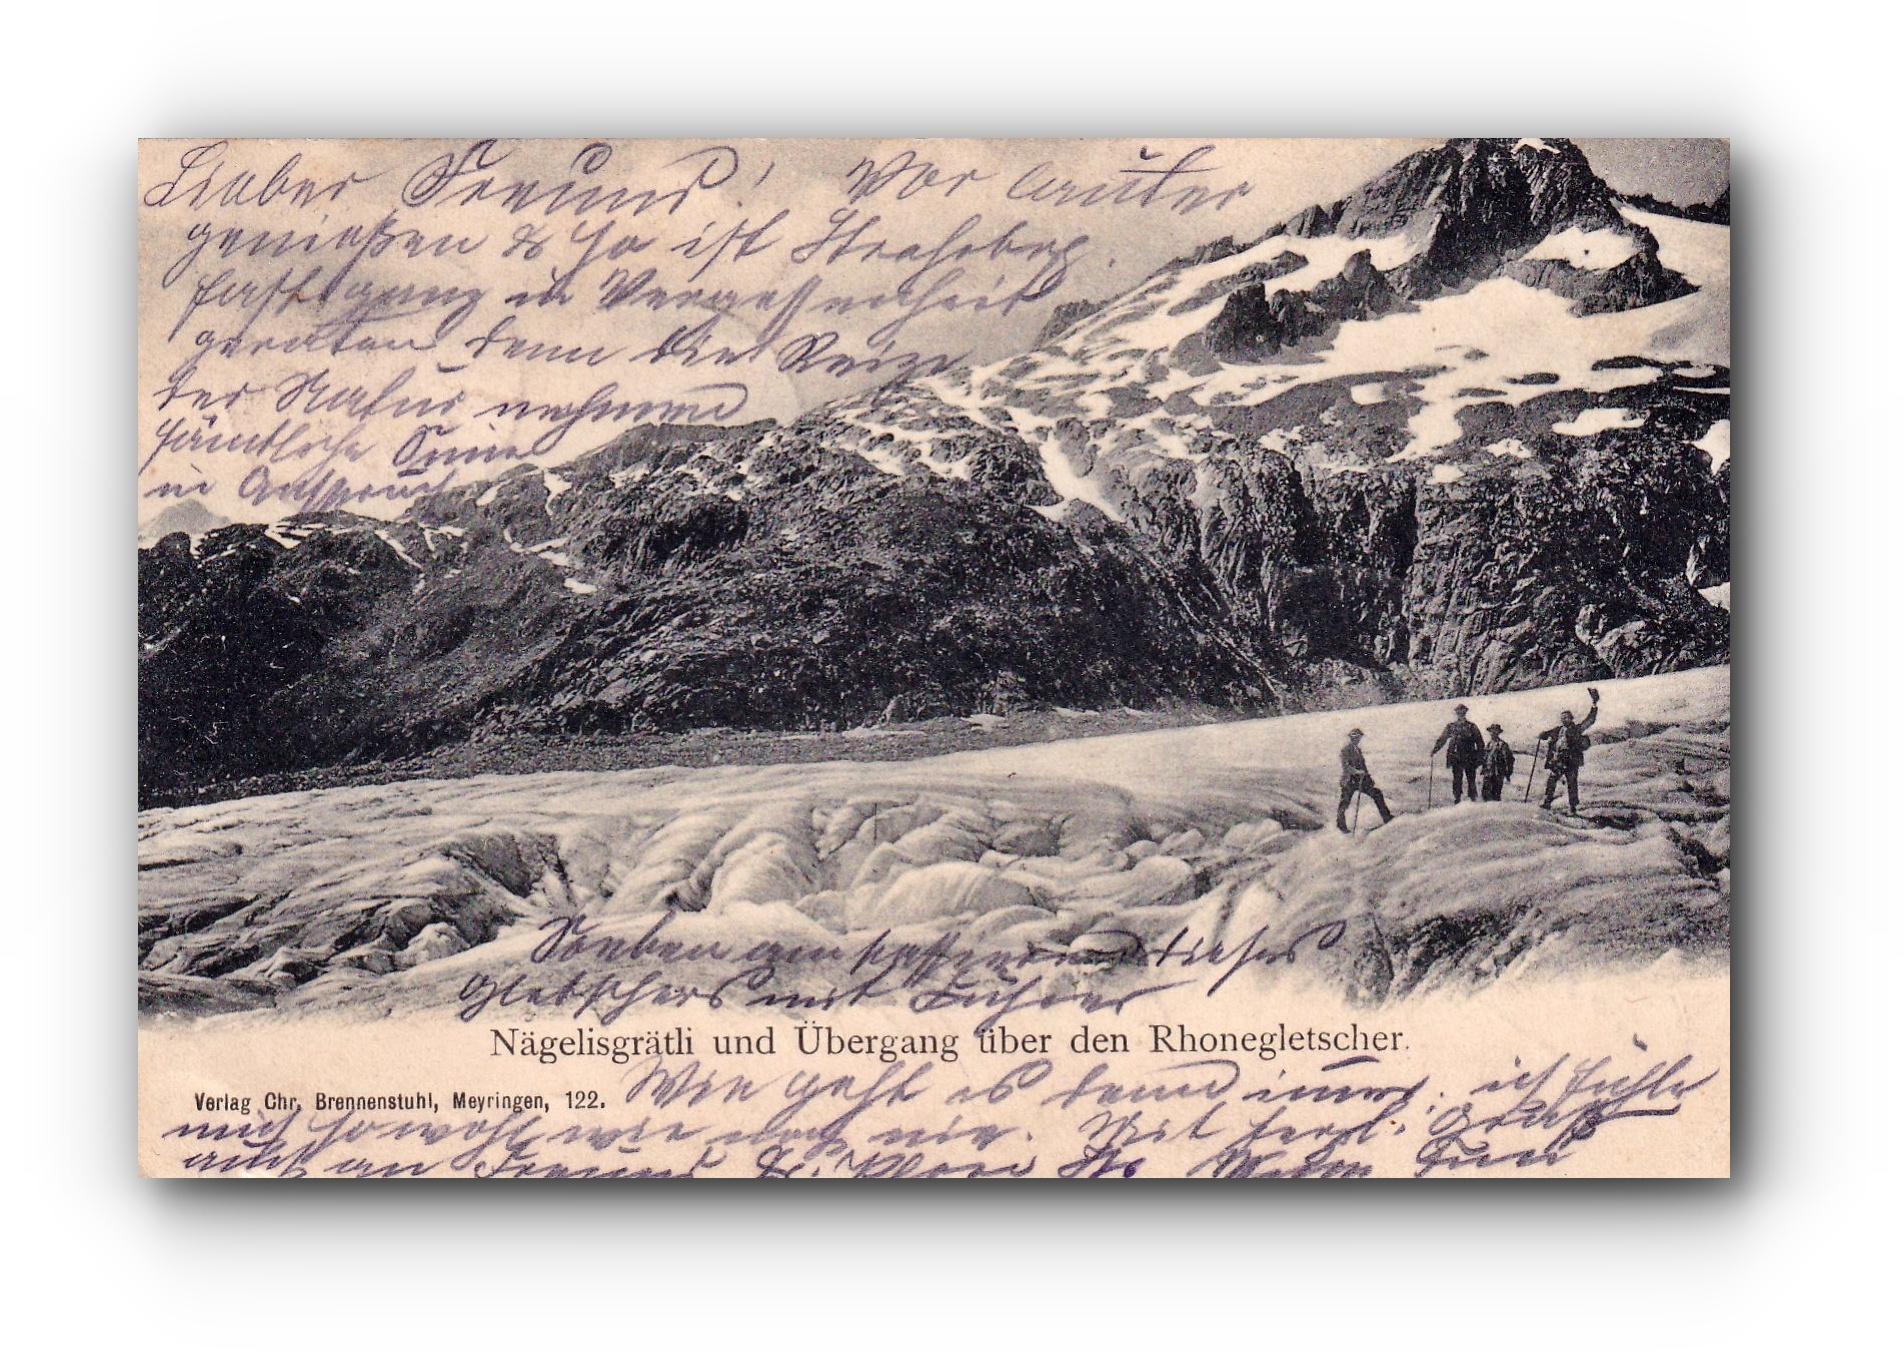 Näglisgrätli und Übergang über den Rhonegletscher - 03.08.1905 - Näglisgrätli et traversée du glacier du Rhône - Näglisgrätli and crossing over the Rhone Glacier